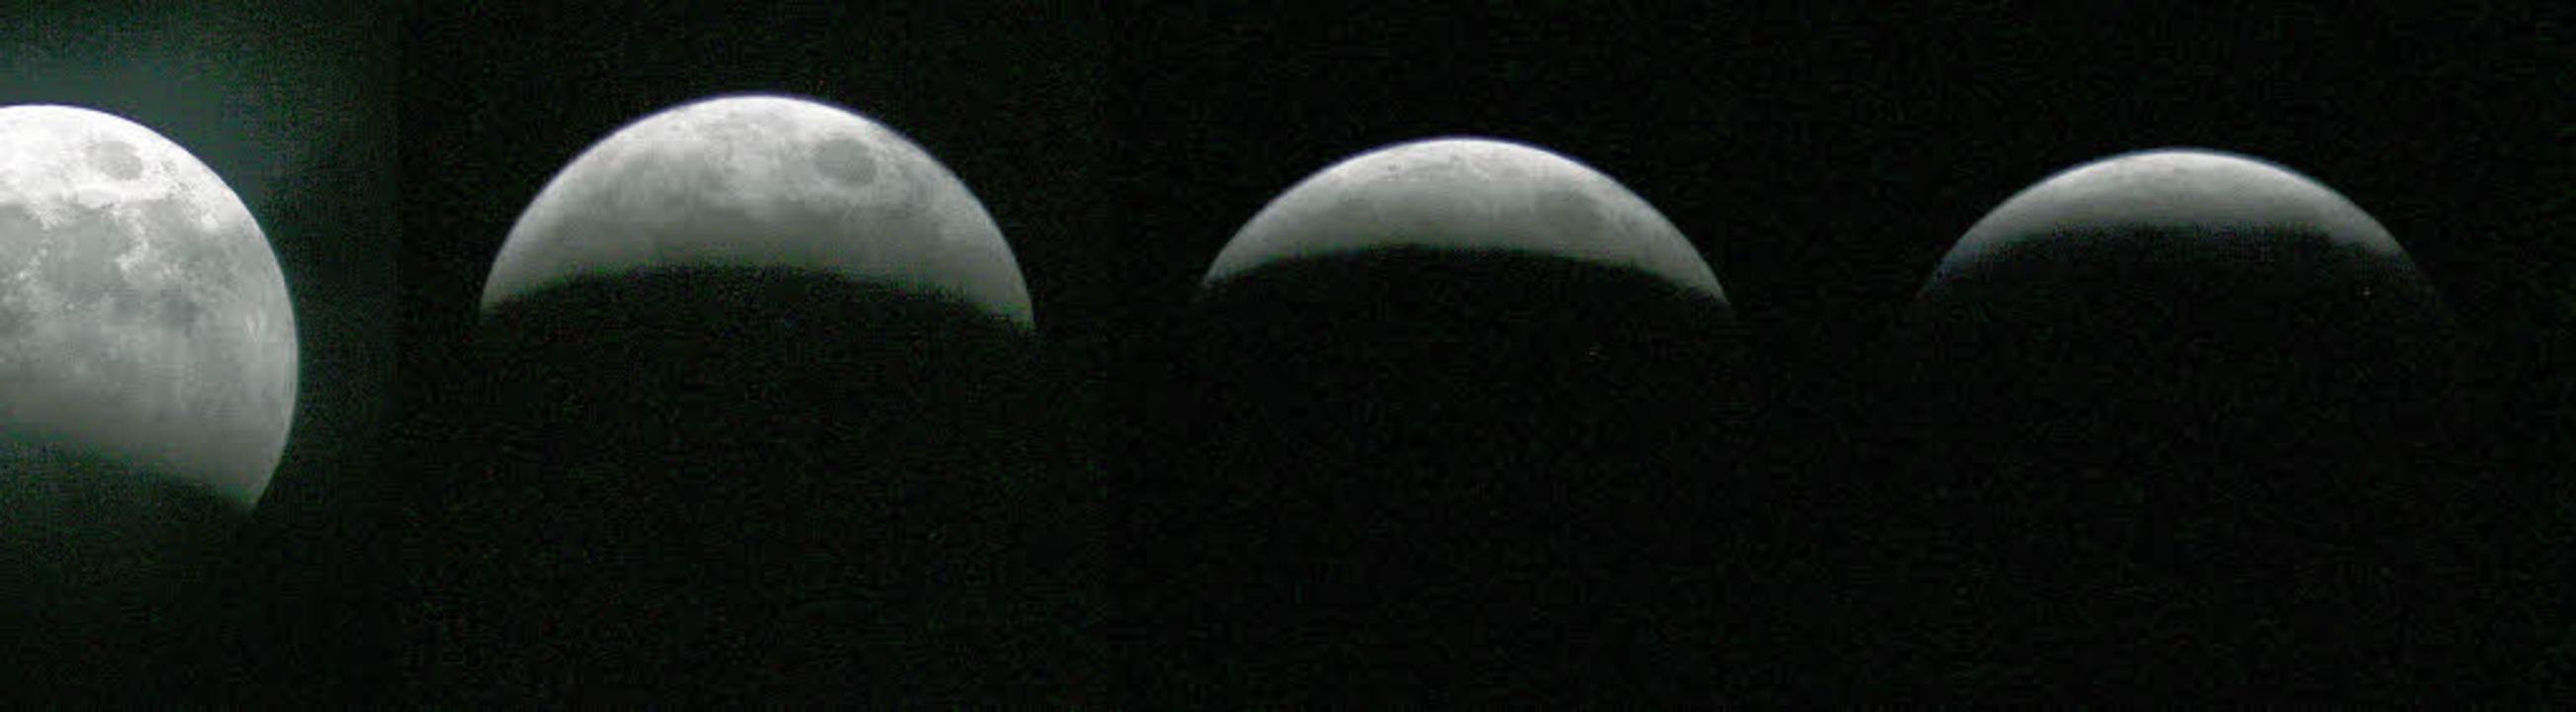 Verlauf der totalen Mondfinsternis am ...rg, wie sie im März 2007 zu sehen war.  | Foto: dpa